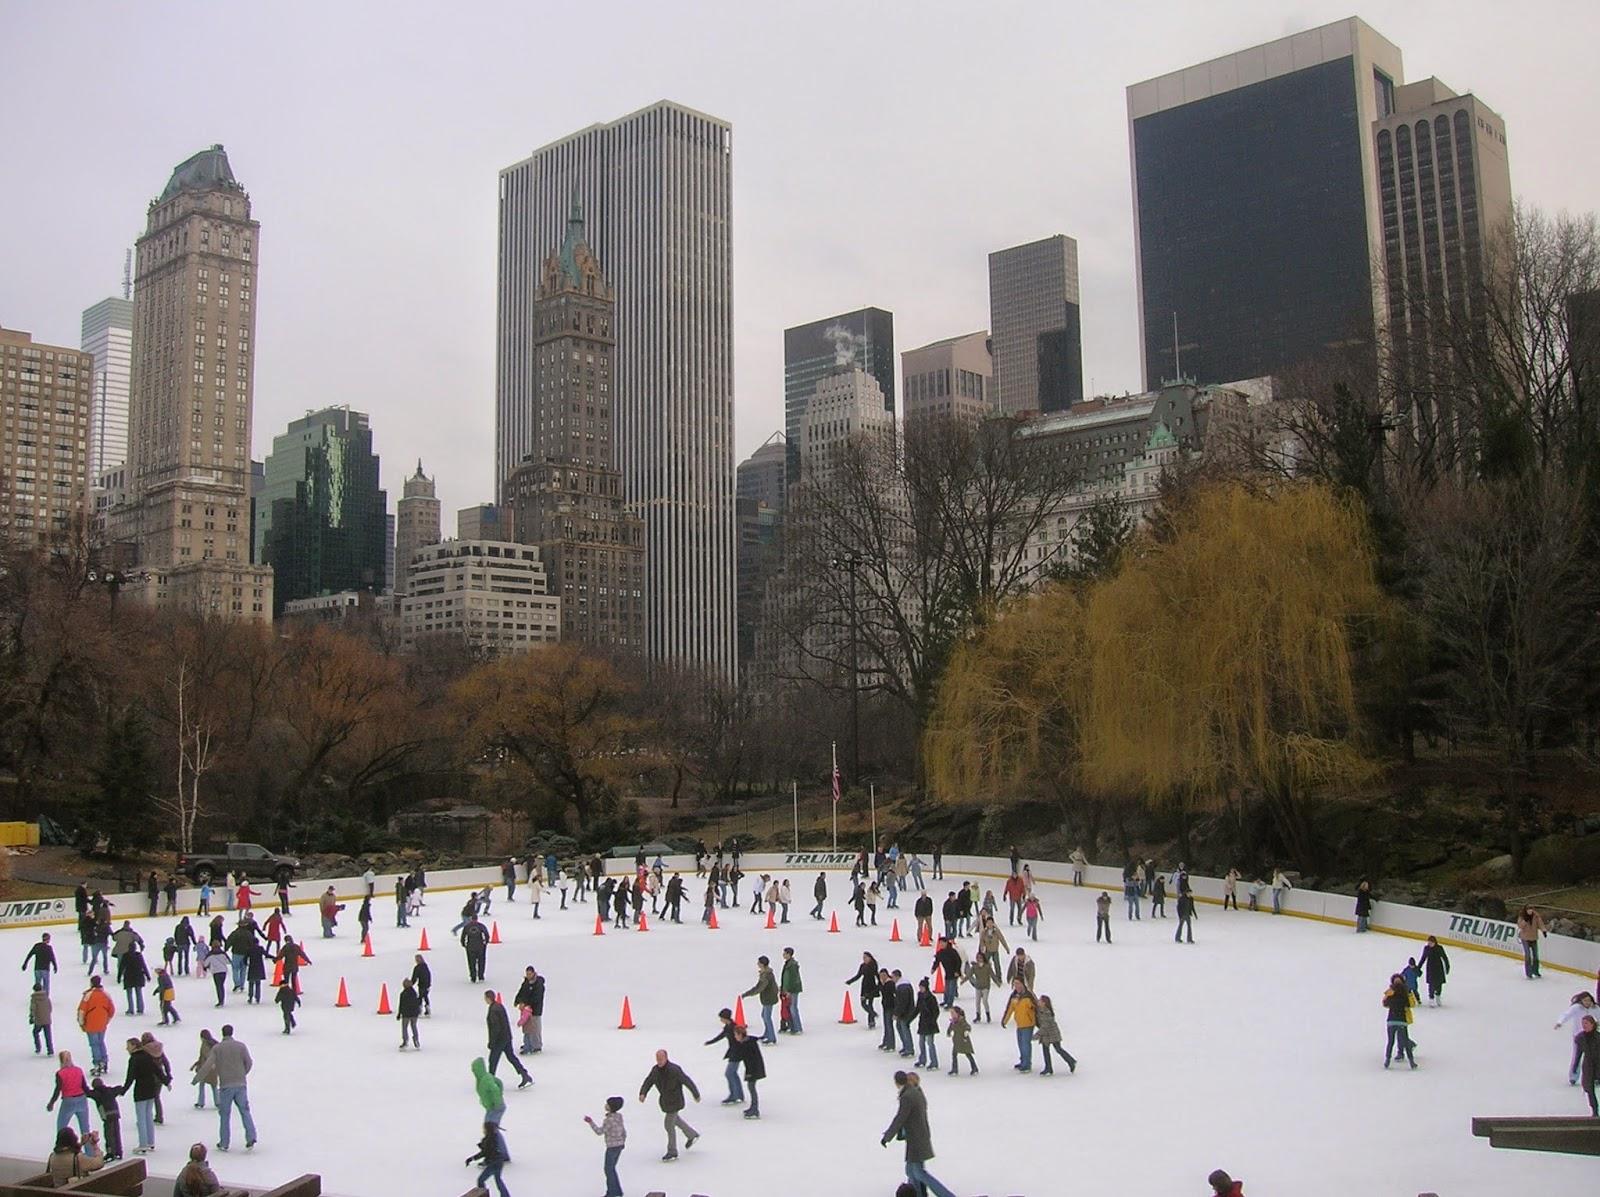 ice skating in central park in new york city